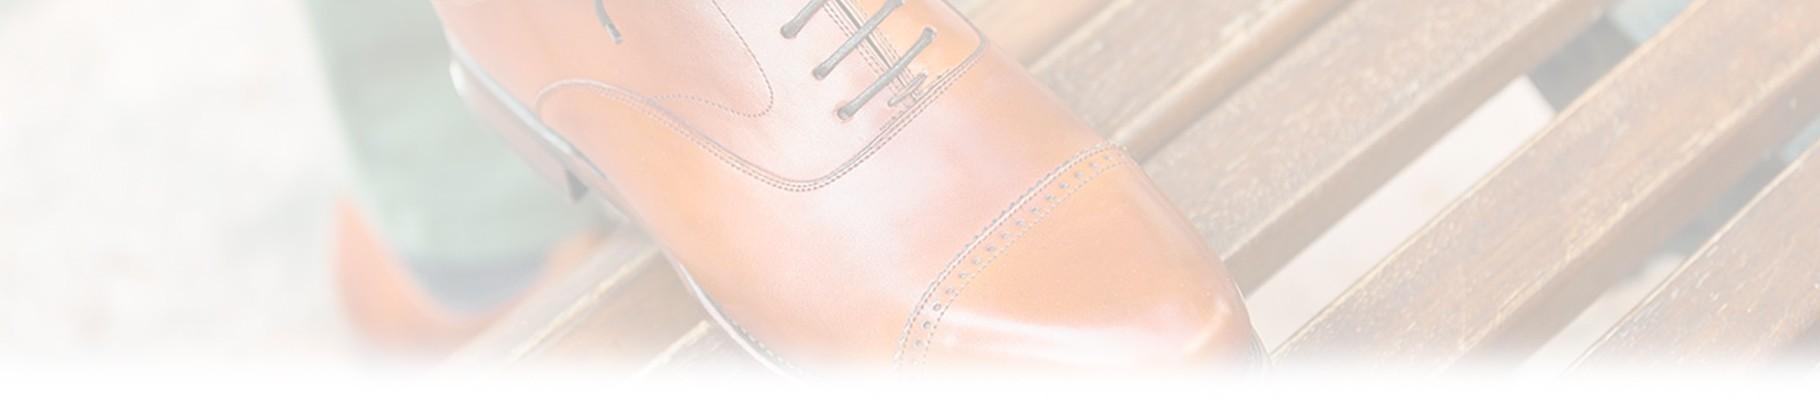 In questa sezione troverete scarpe classiche firmate made in italy